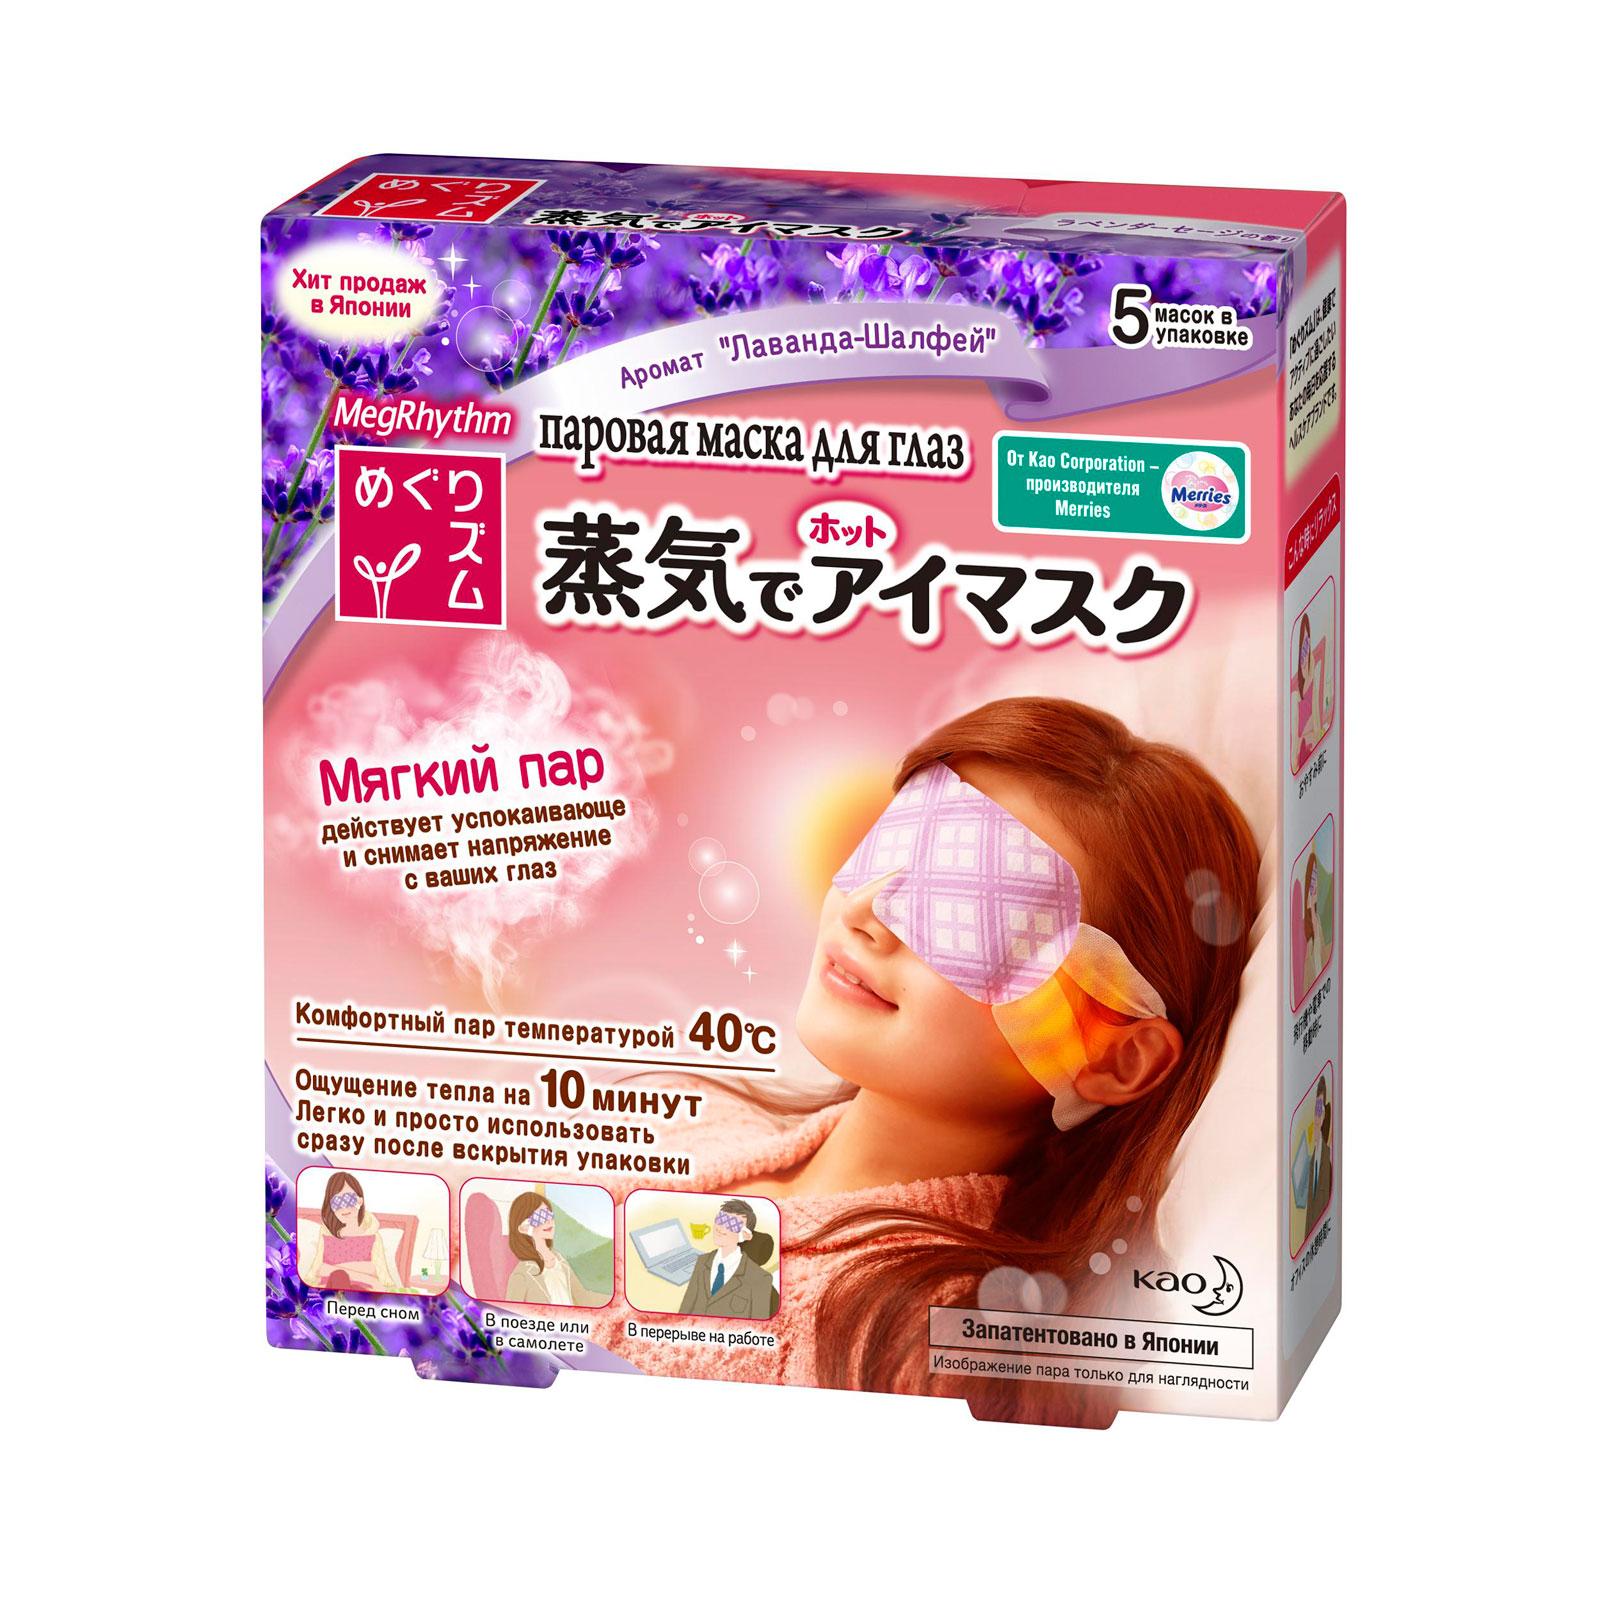 Паровая маска MegRhythm для глаз (Лаванда - Шалфей) 5 шт<br>